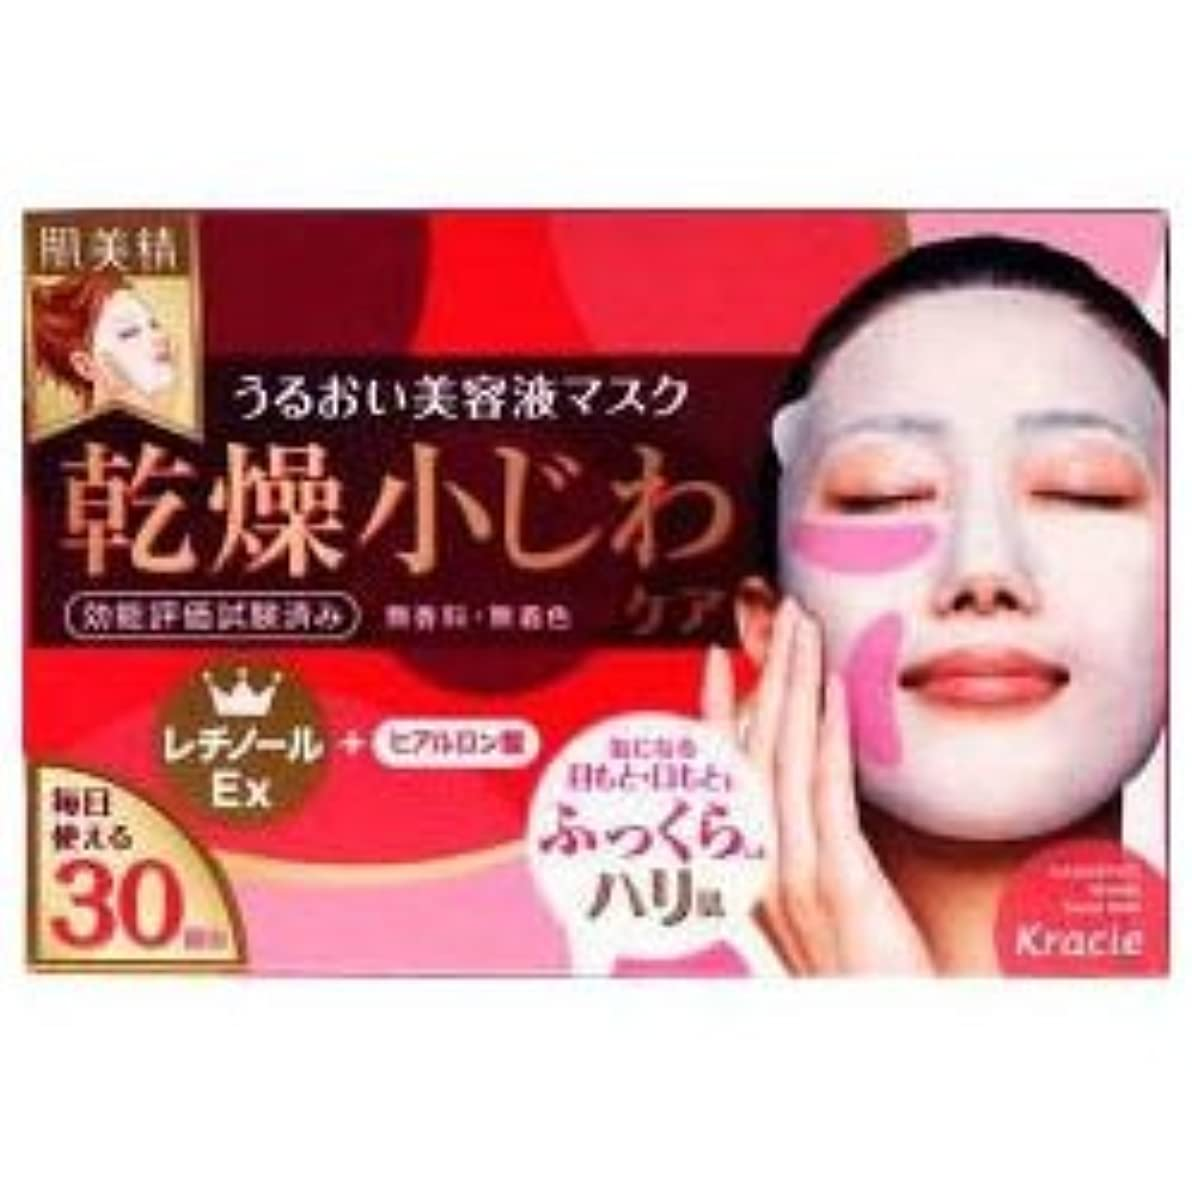 びっくり飢えた赤ちゃん【クラシエ】肌美精 デイリーリンクルケア美容液マスク 30枚 ×10個セット